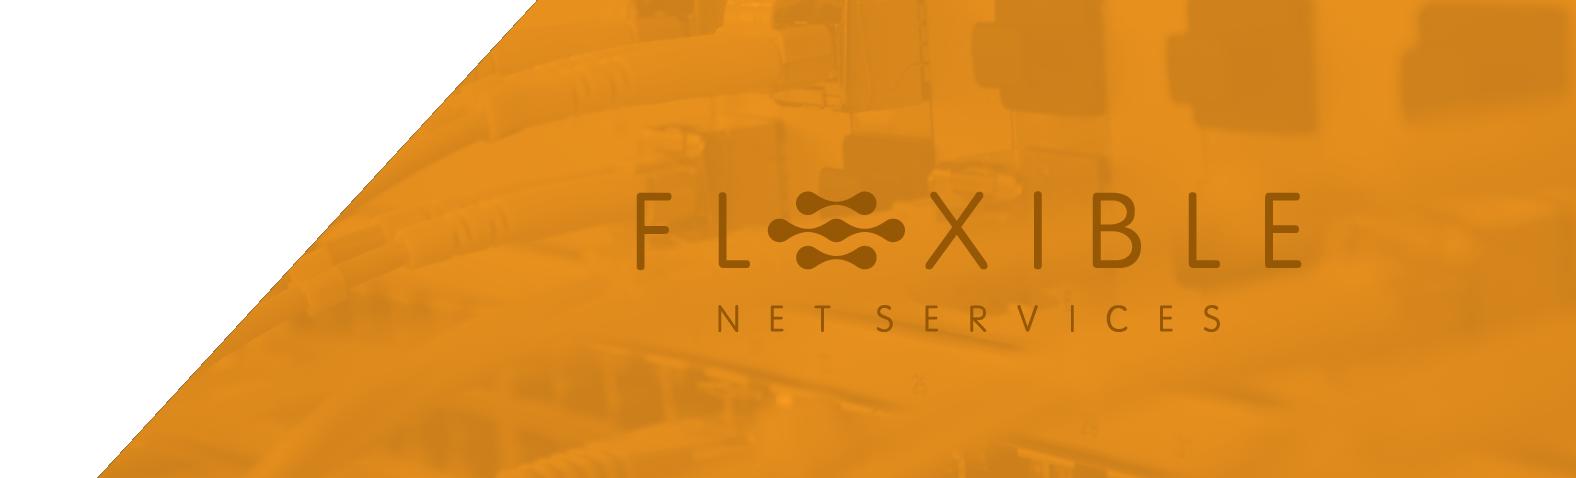 Flexible Net Services